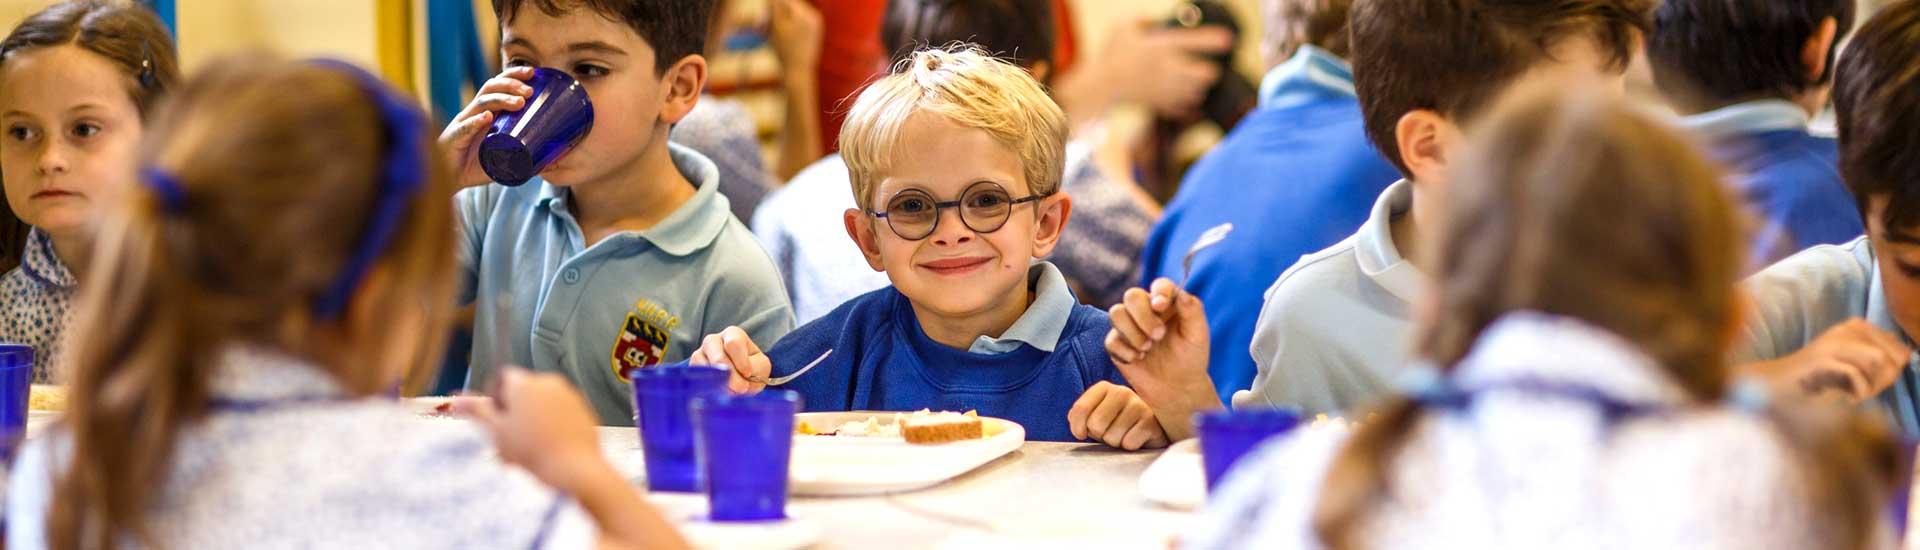 Grimsdell - School meals